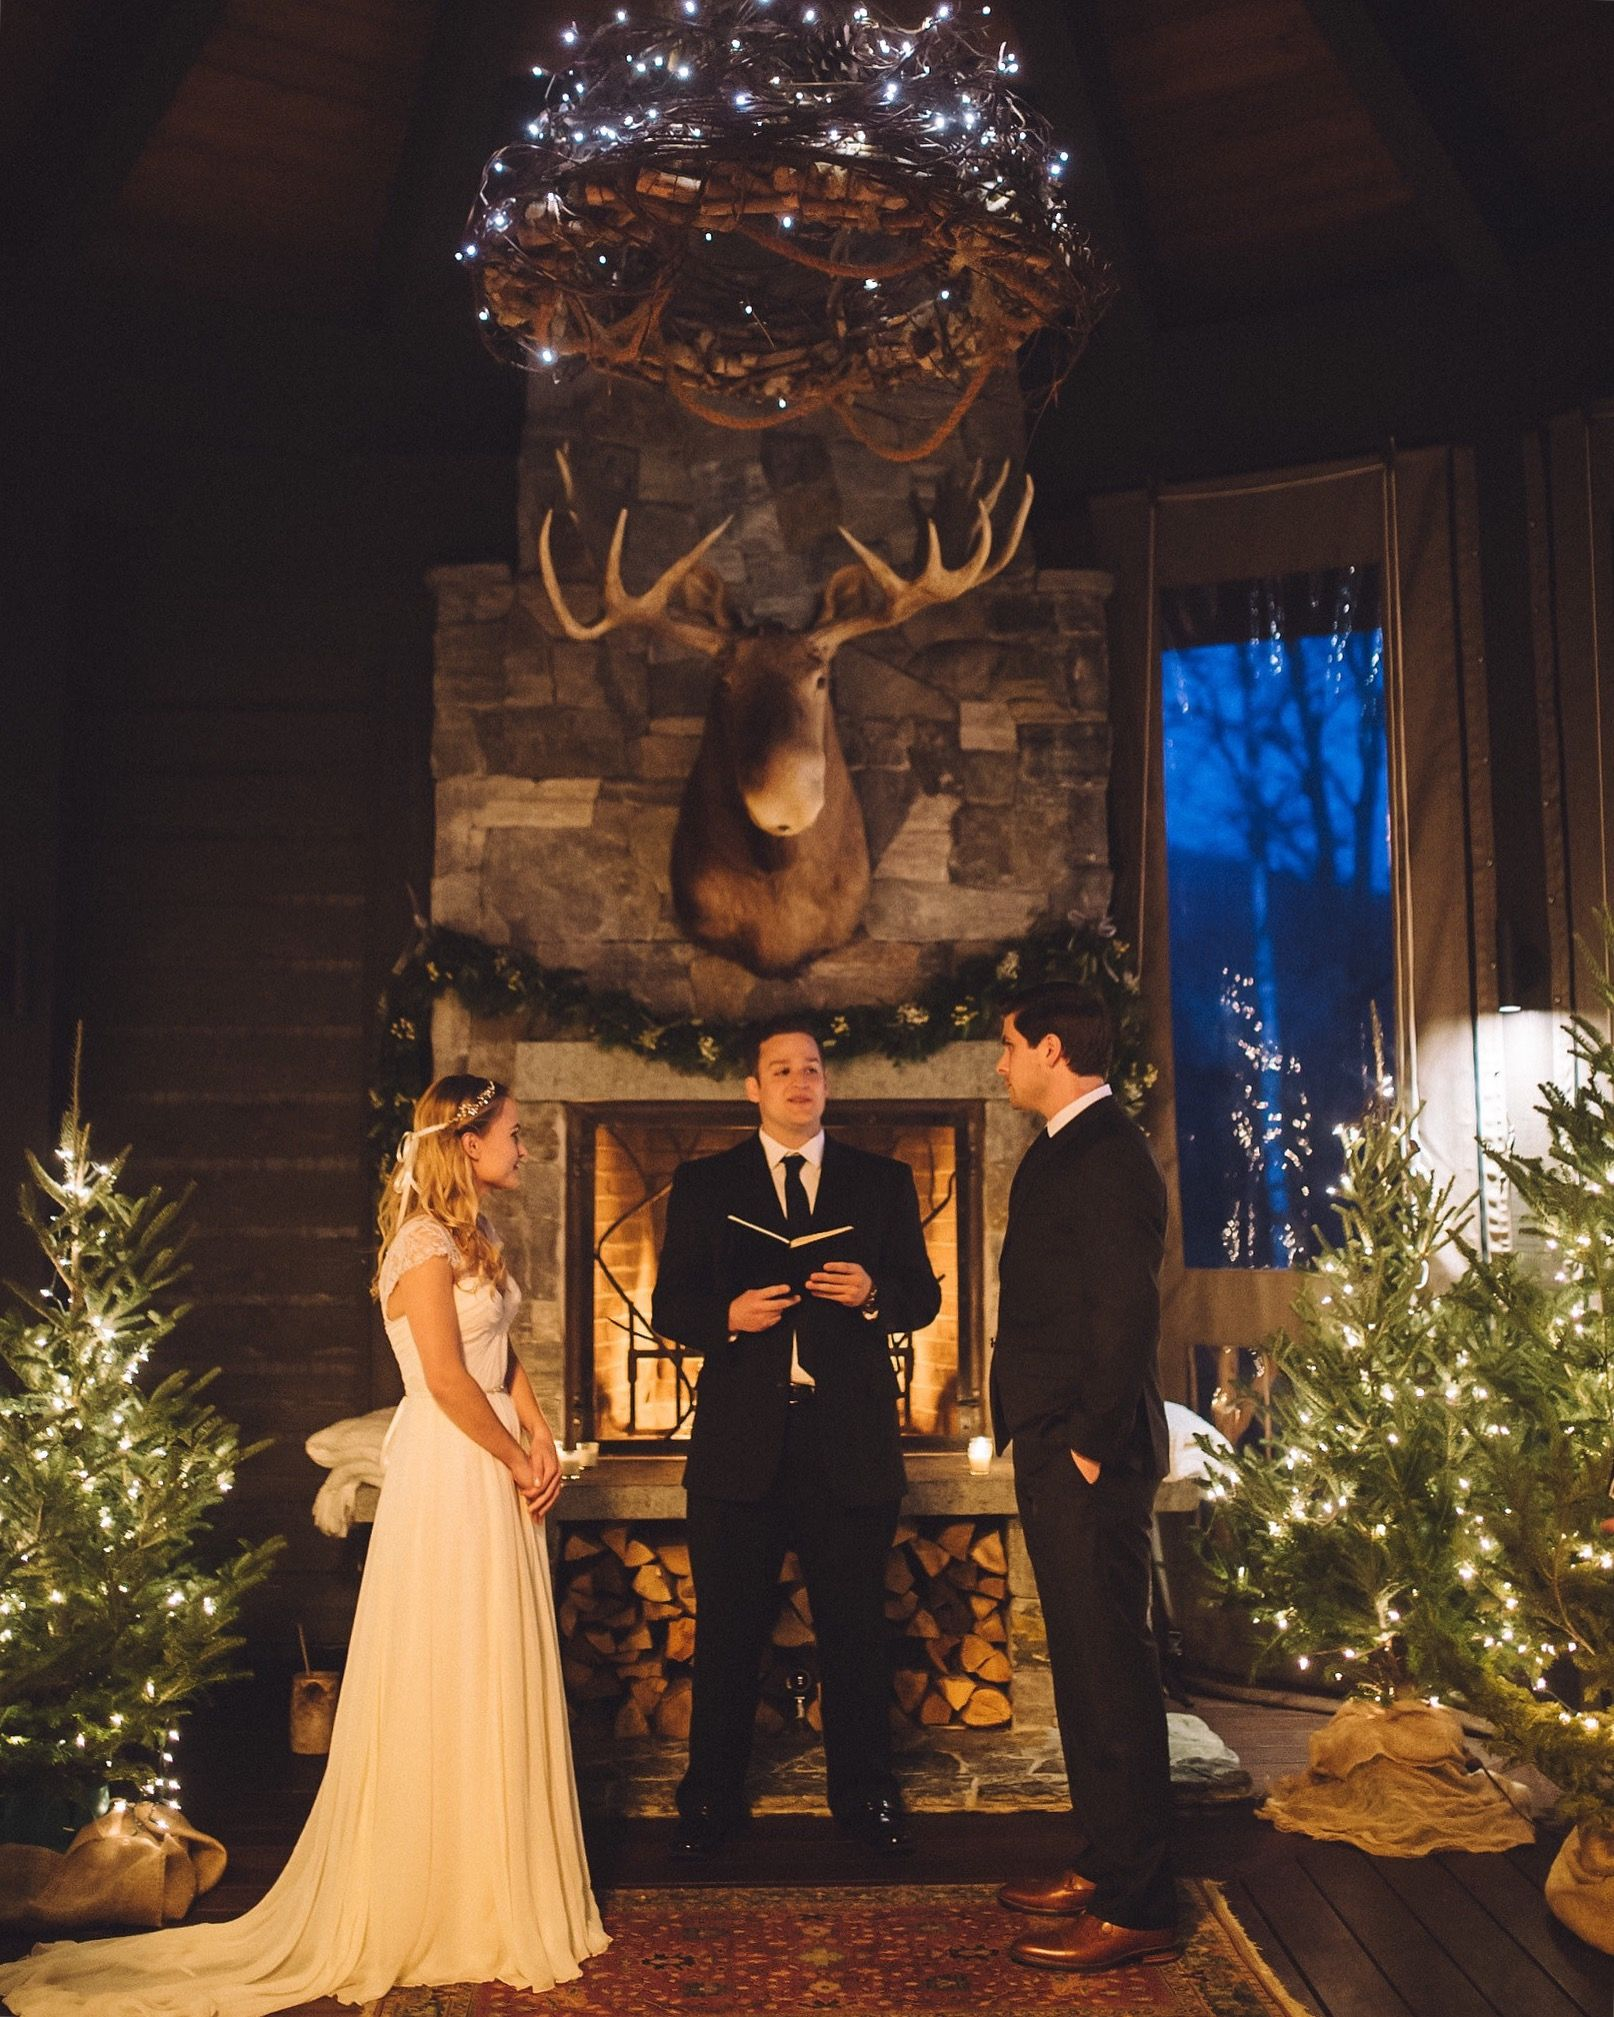 Lake Placid Lodge Winter Wedding Venue. Relais Chateaux.